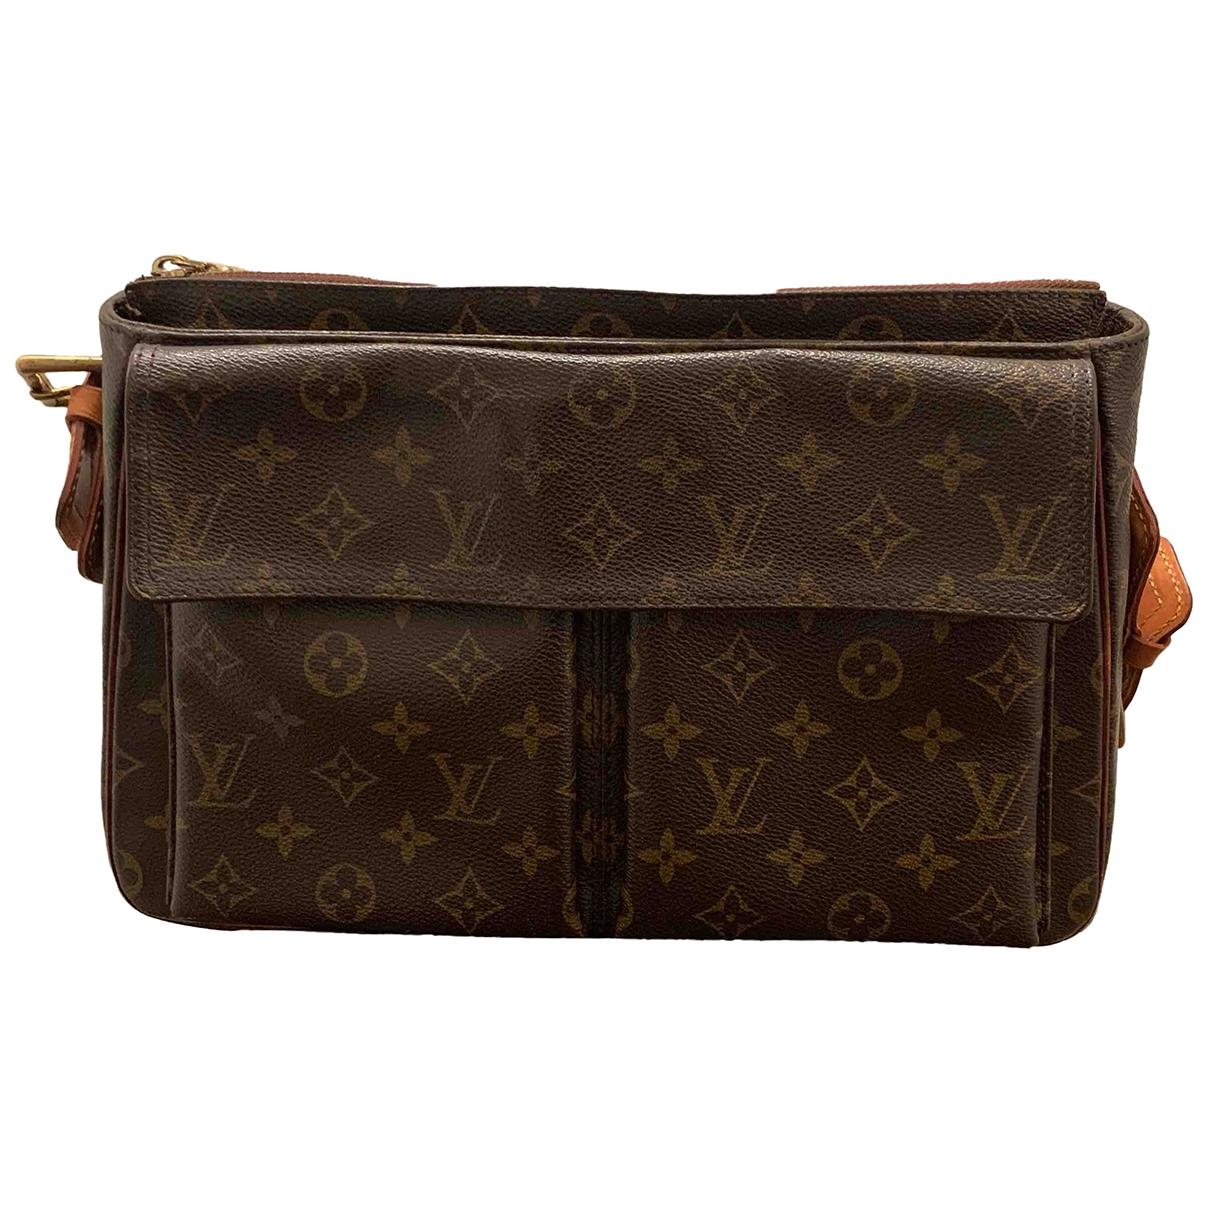 Louis Vuitton Viva Cite Handtasche in Leinen